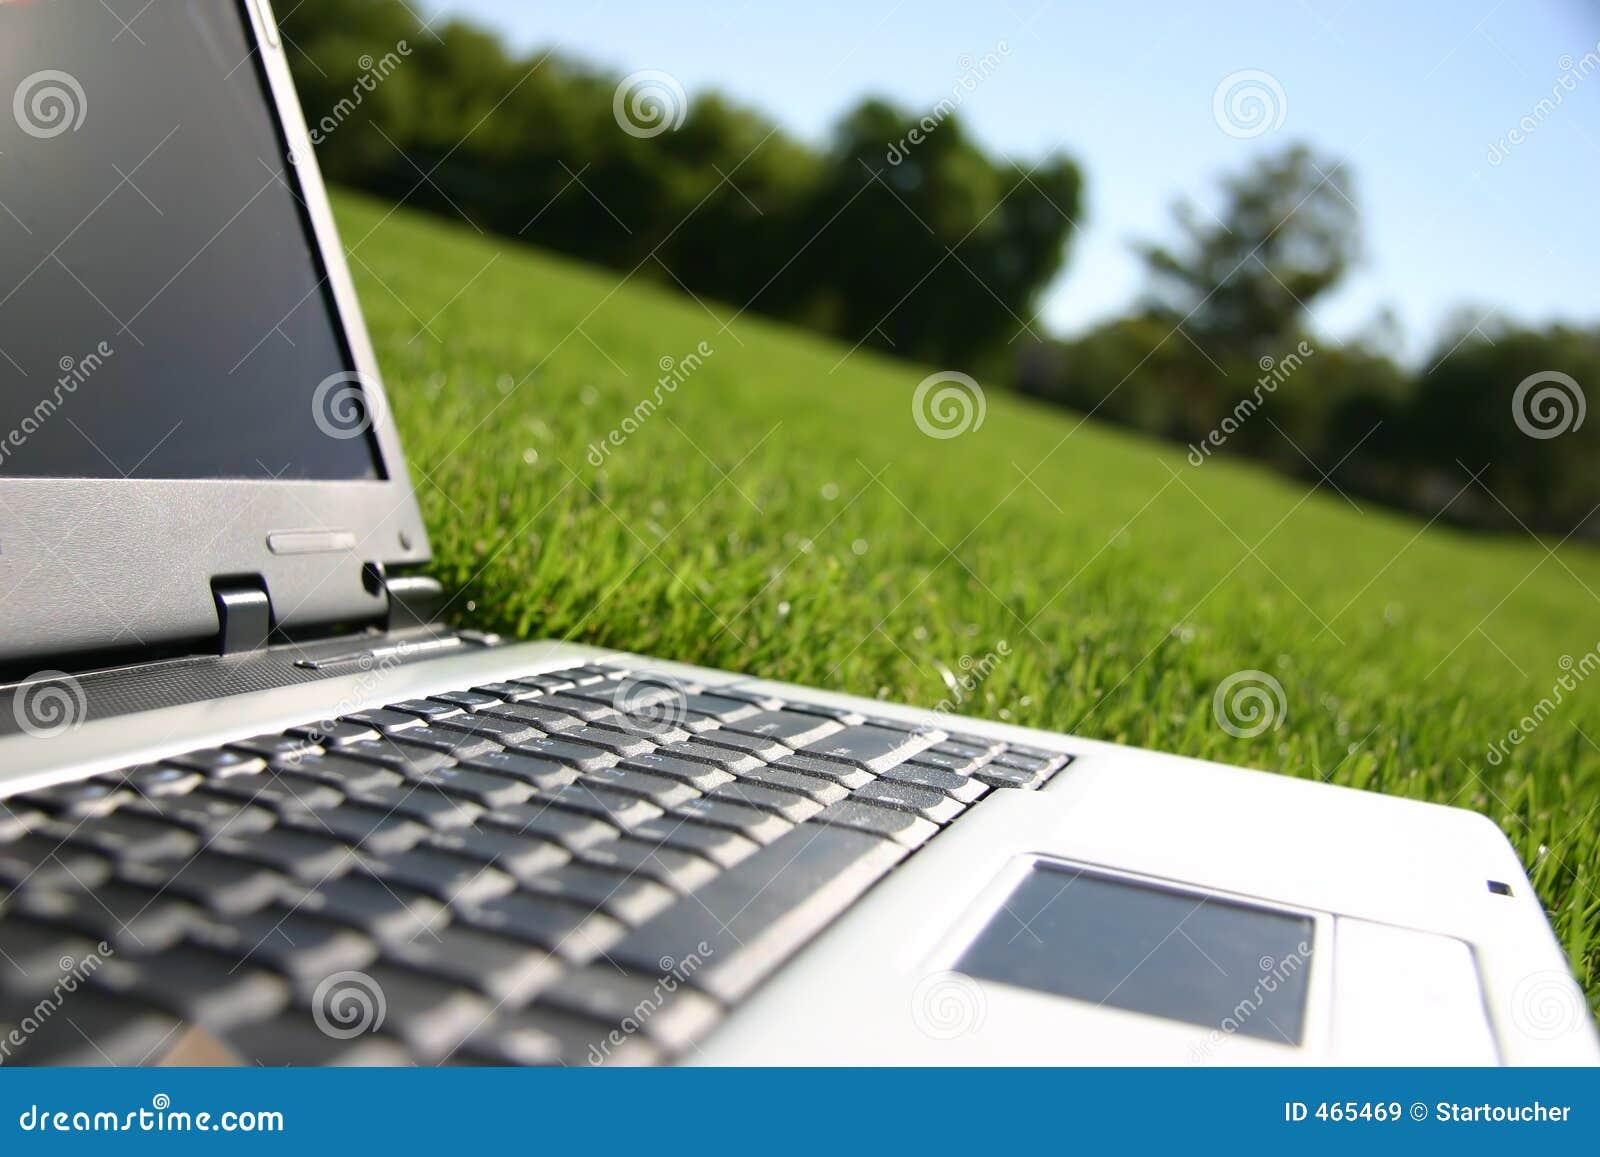 Laptop in a field